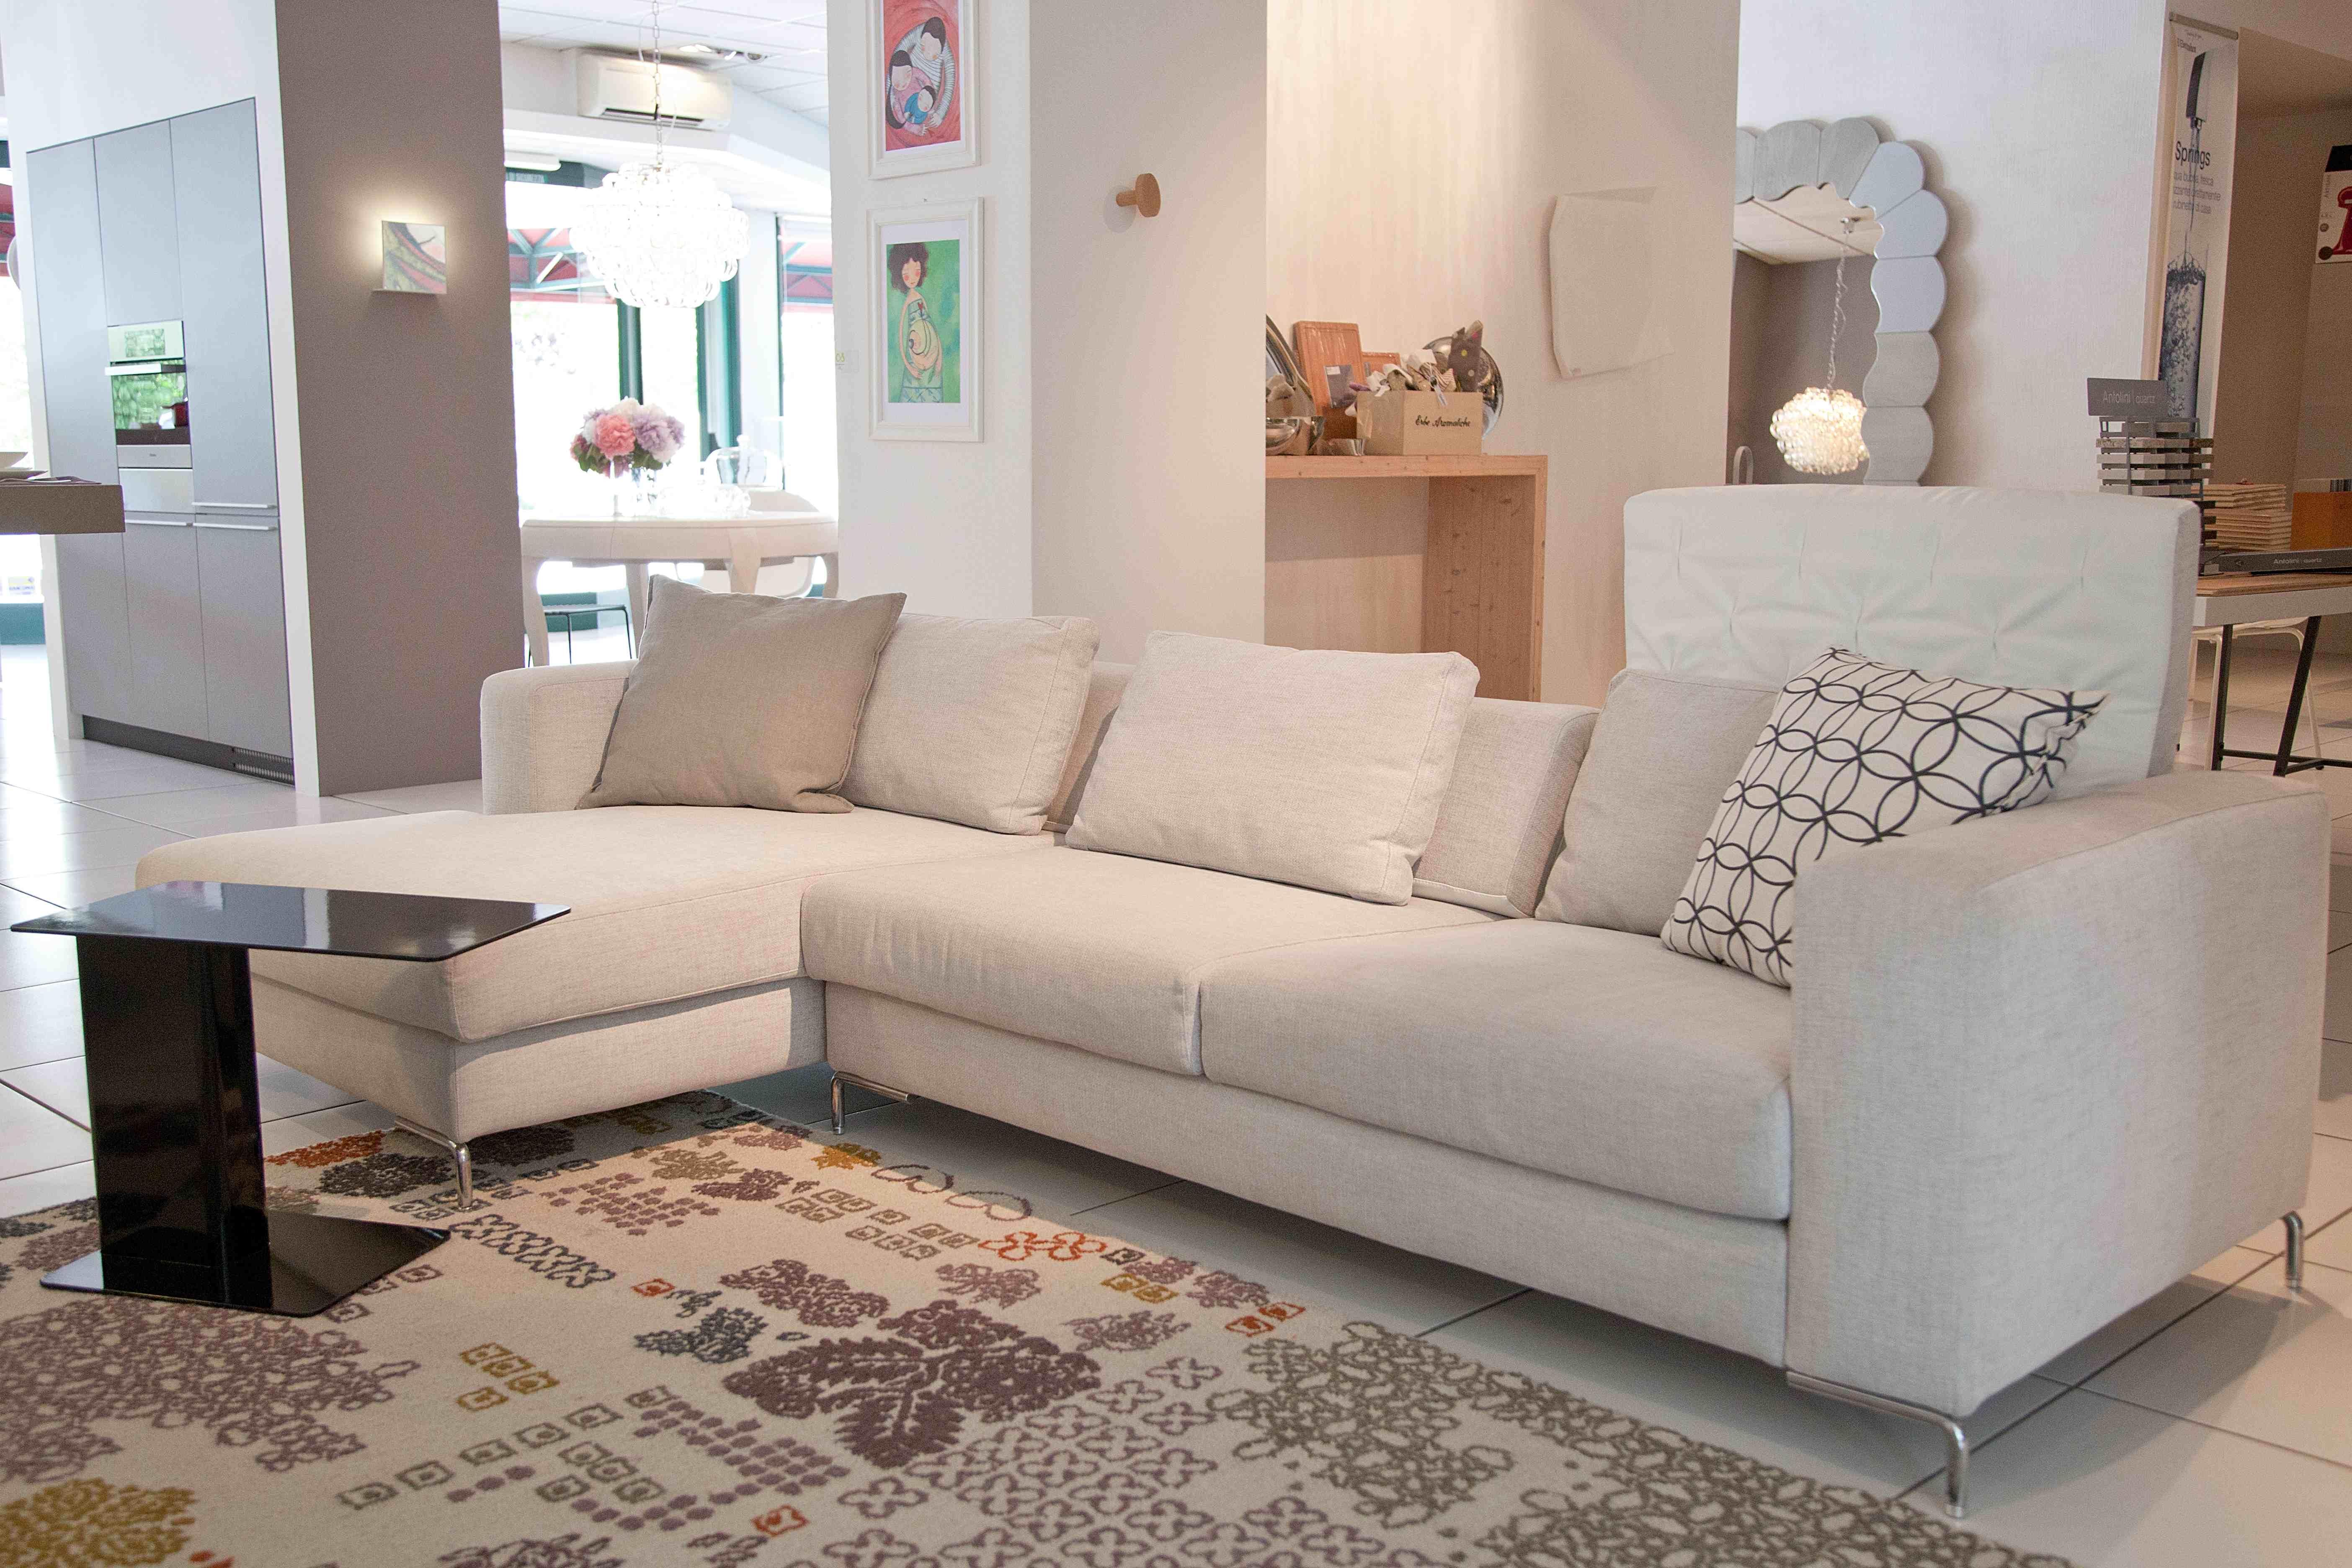 Tappeto divano best werpwd tappeto soggiorno camera da letto posto letto casa coperte divano - Miglior divano letto ...